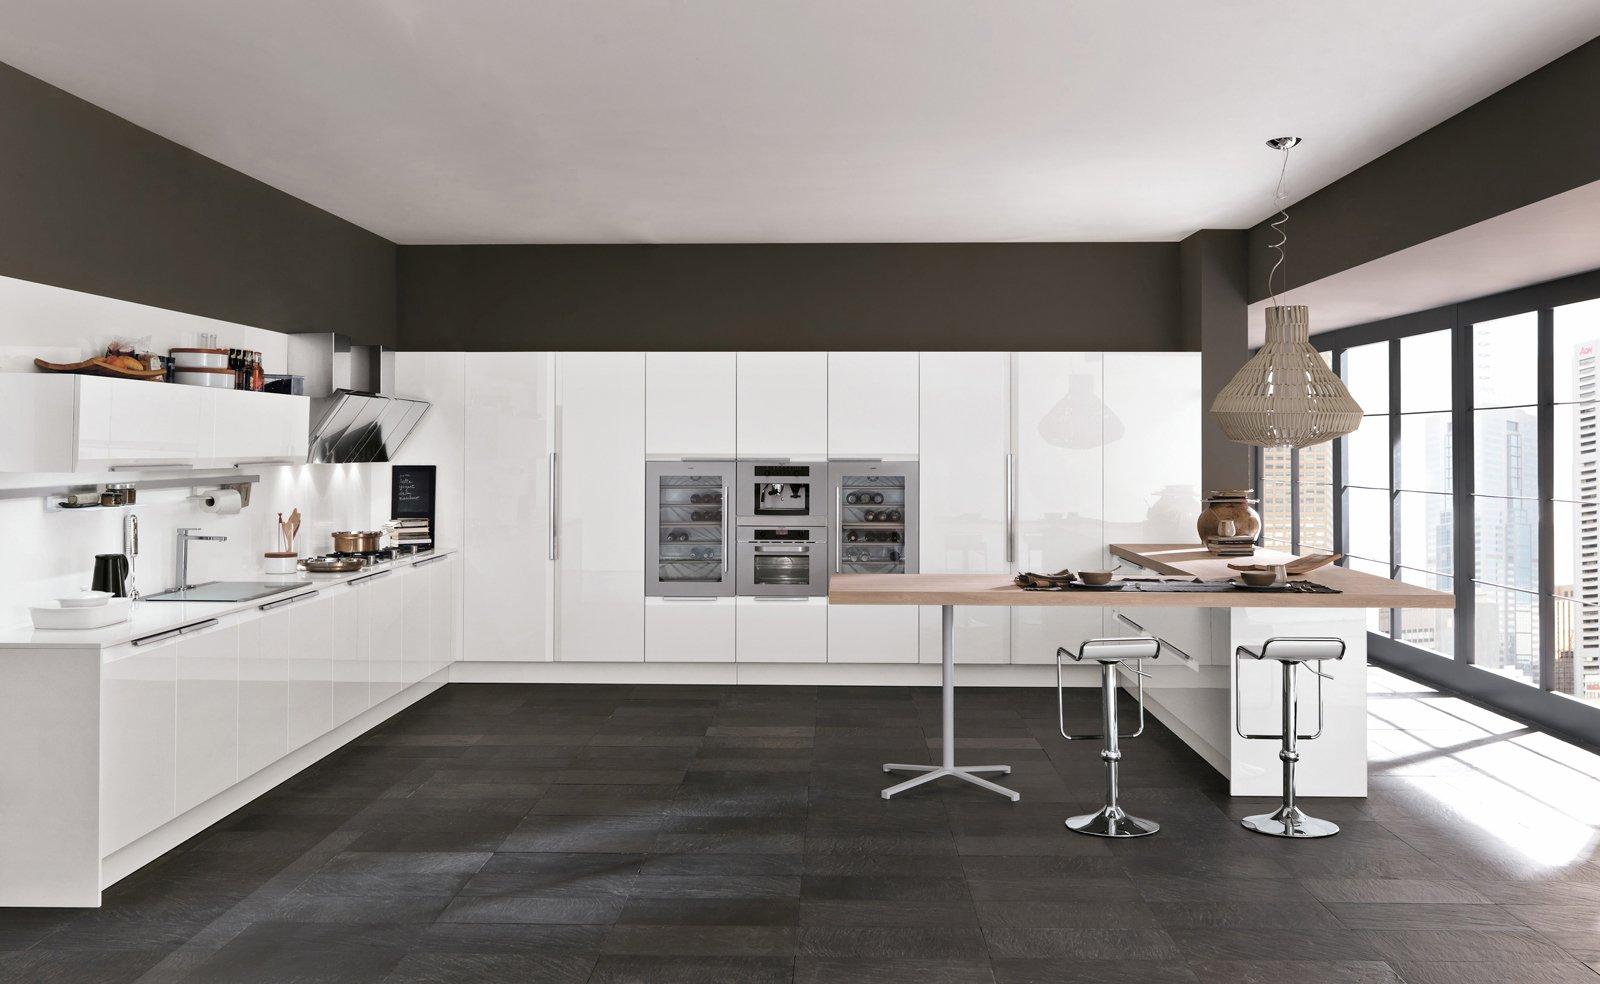 Cucine con armadiature a colonna per contenere di pi cose di casa - Dove comprare cucina ...